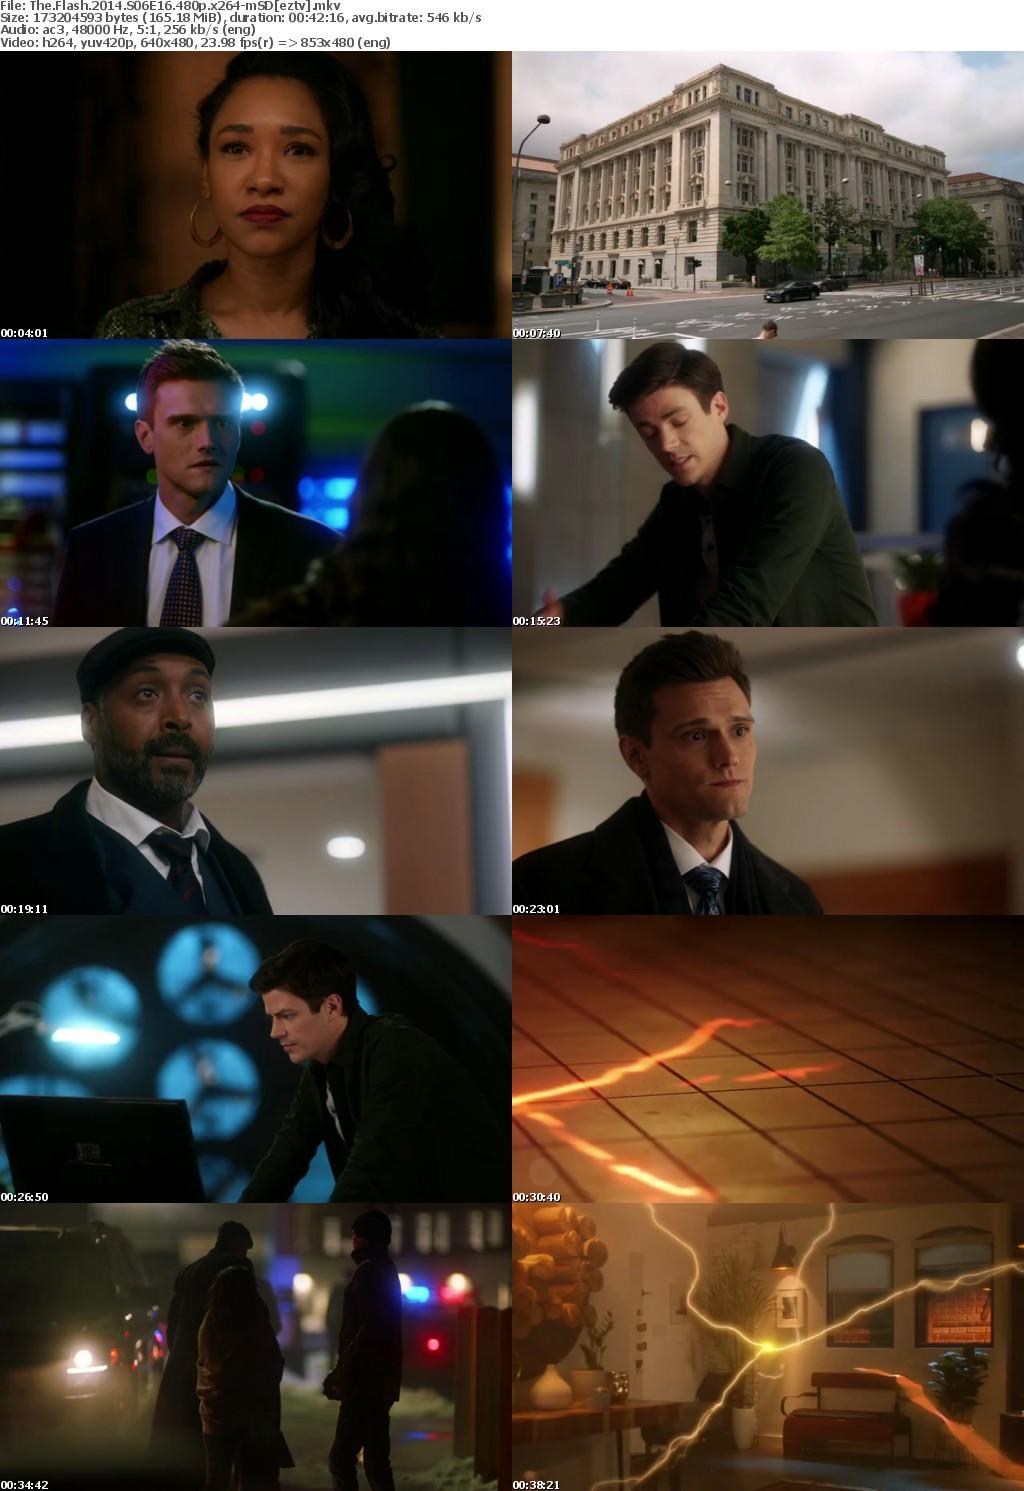 The Flash 2014 S06E16 480p x264-mSD